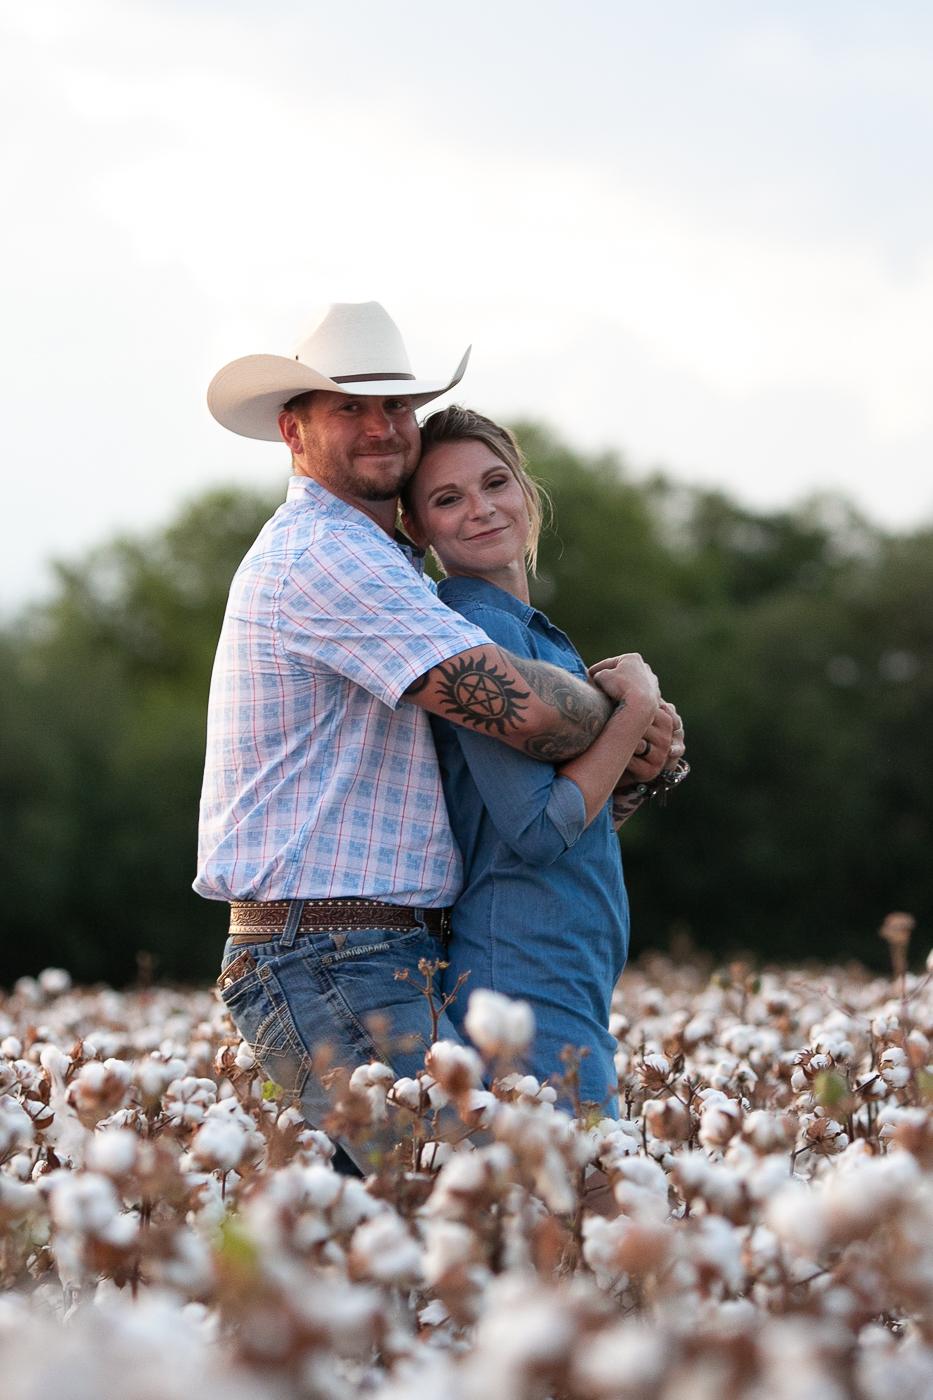 cotton-field-couple-portrait-mini-session-san-antonio-lytle-1.jpg